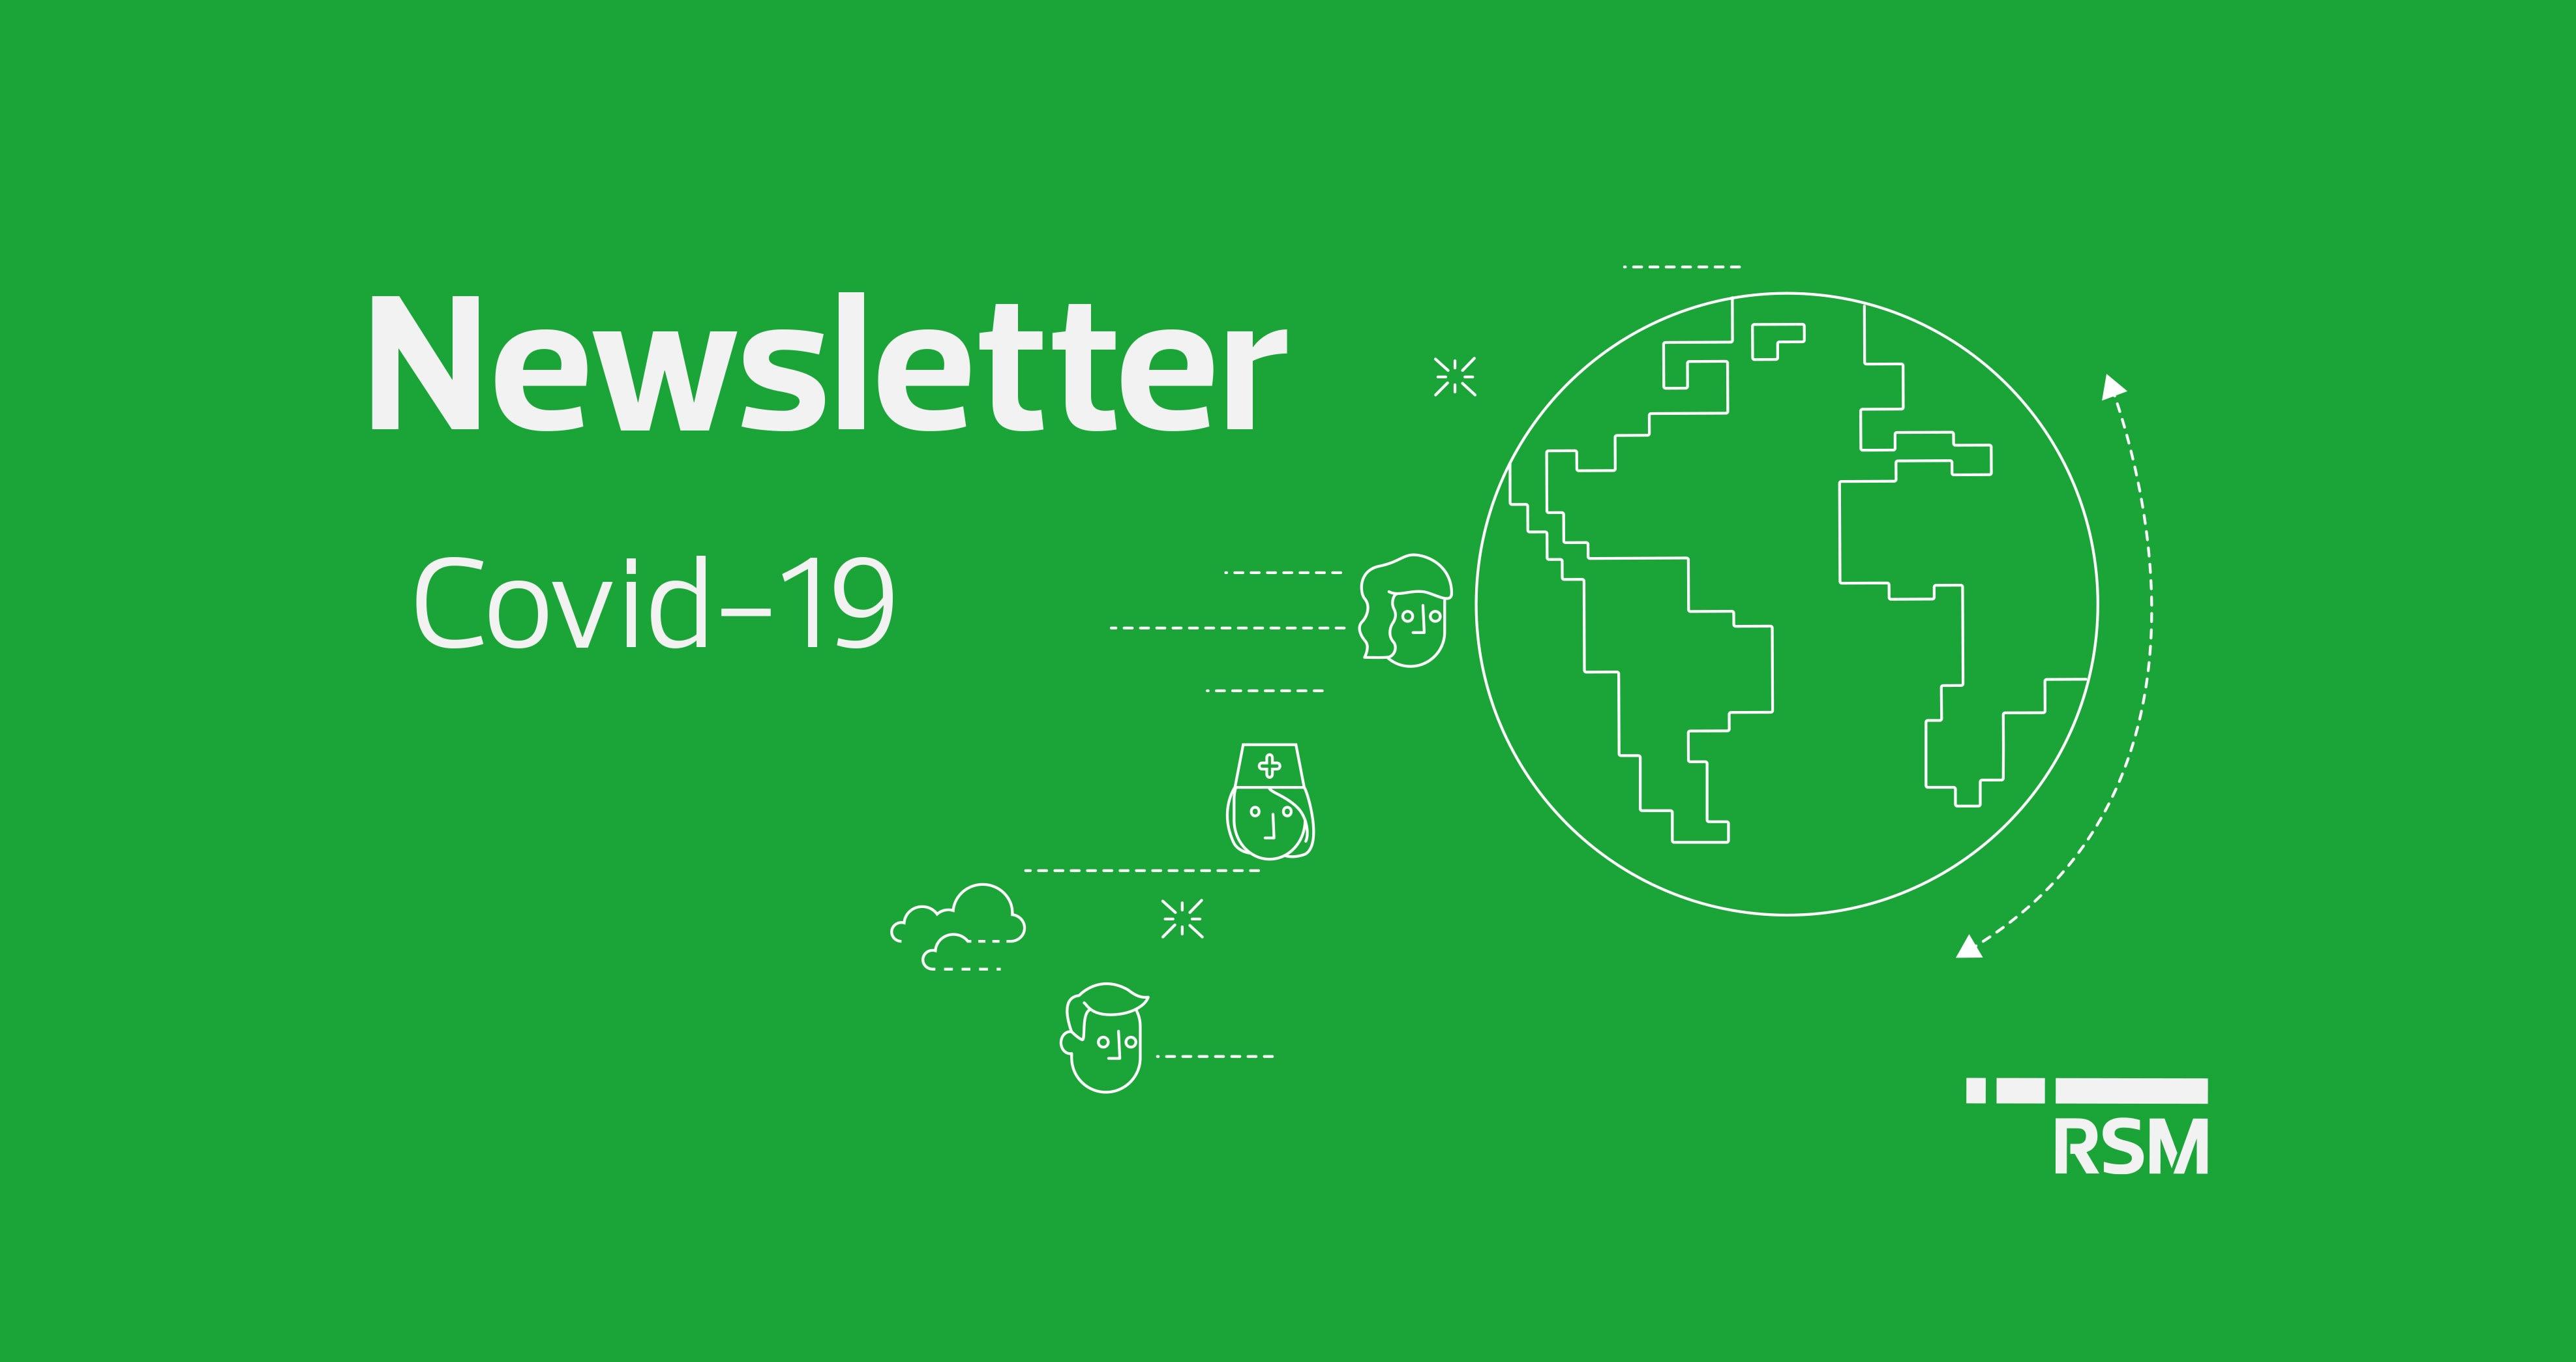 public://media/news/newsletter2.6.20.jpg